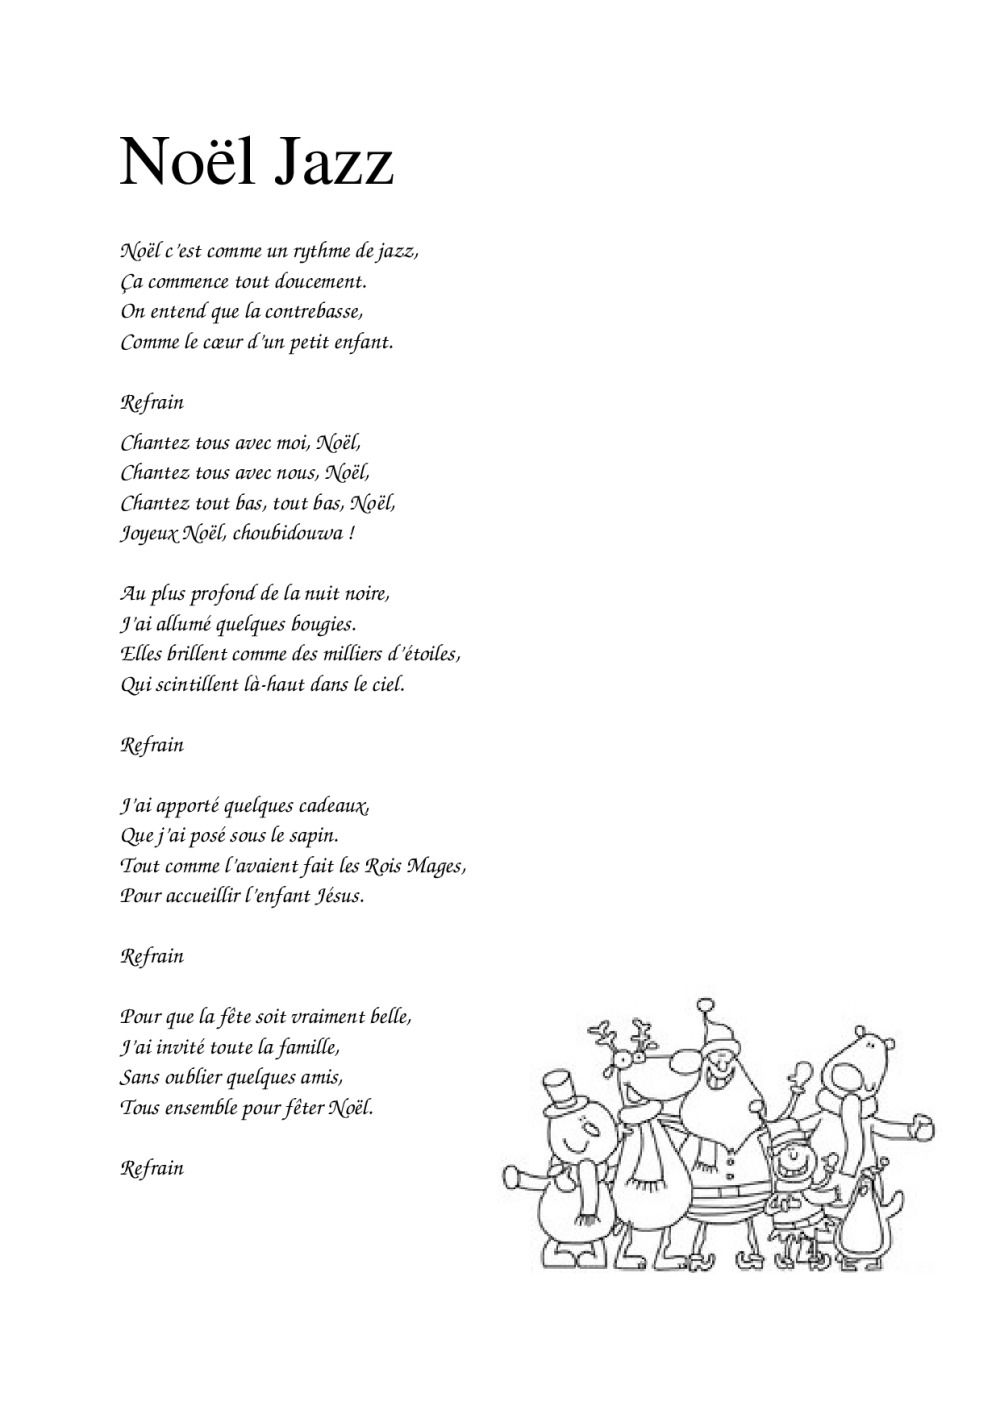 Noël C'est Comme Un Rythme De Jazz Paroles : noël, c'est, comme, rythme, paroles, Paroles, Chansons, Noël